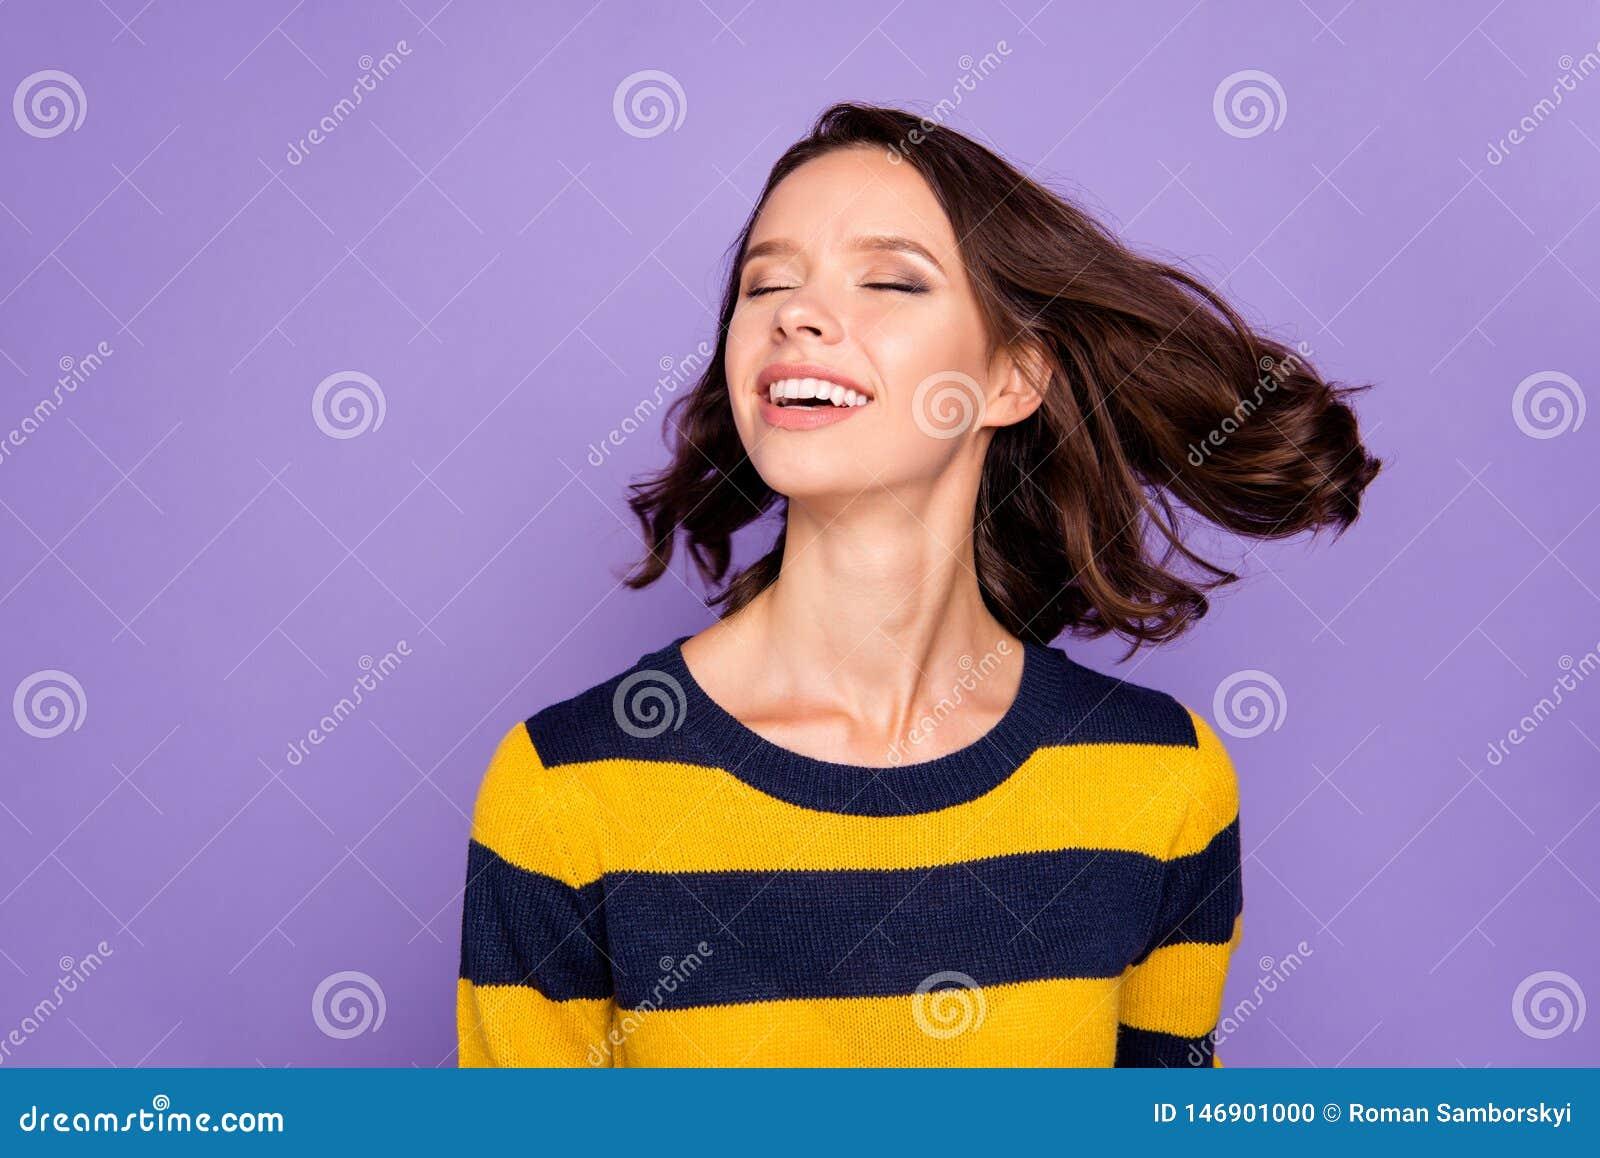 Close up photo beautiful amazing funky she her lady refreshment enjoy warm wind pretty overjoyed hairstyle flight eyes